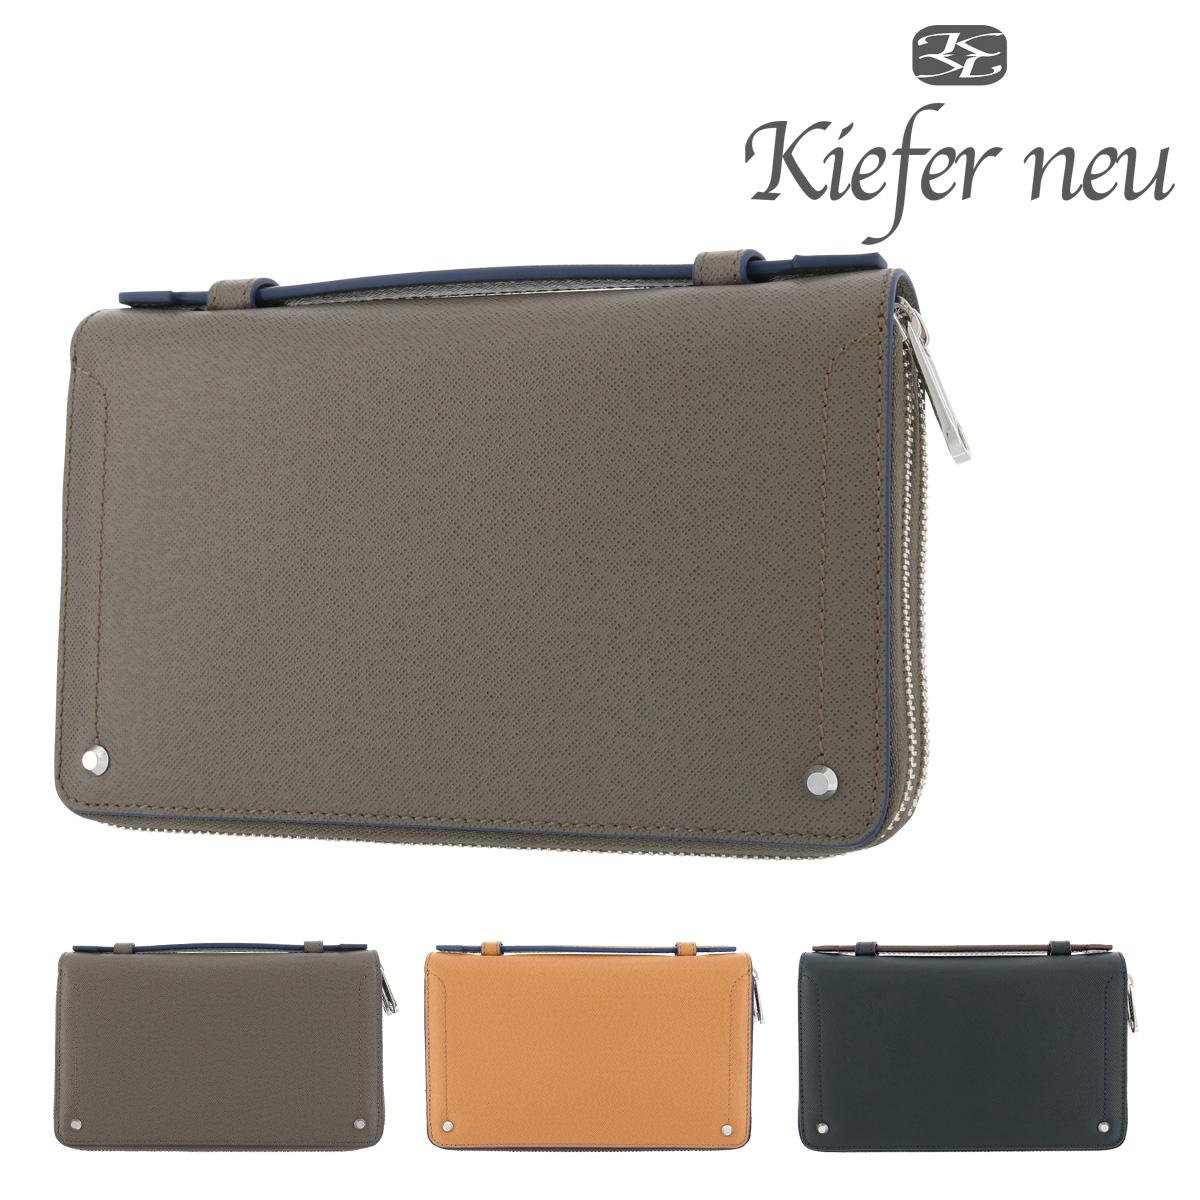 キーファーノイ セカンドバッグ ソッティーレ メンズ KFN8004S Kiefer neu | レザー ラウンドファスナー ビジネスバッグ オーガナイザー 札入れ 牛革